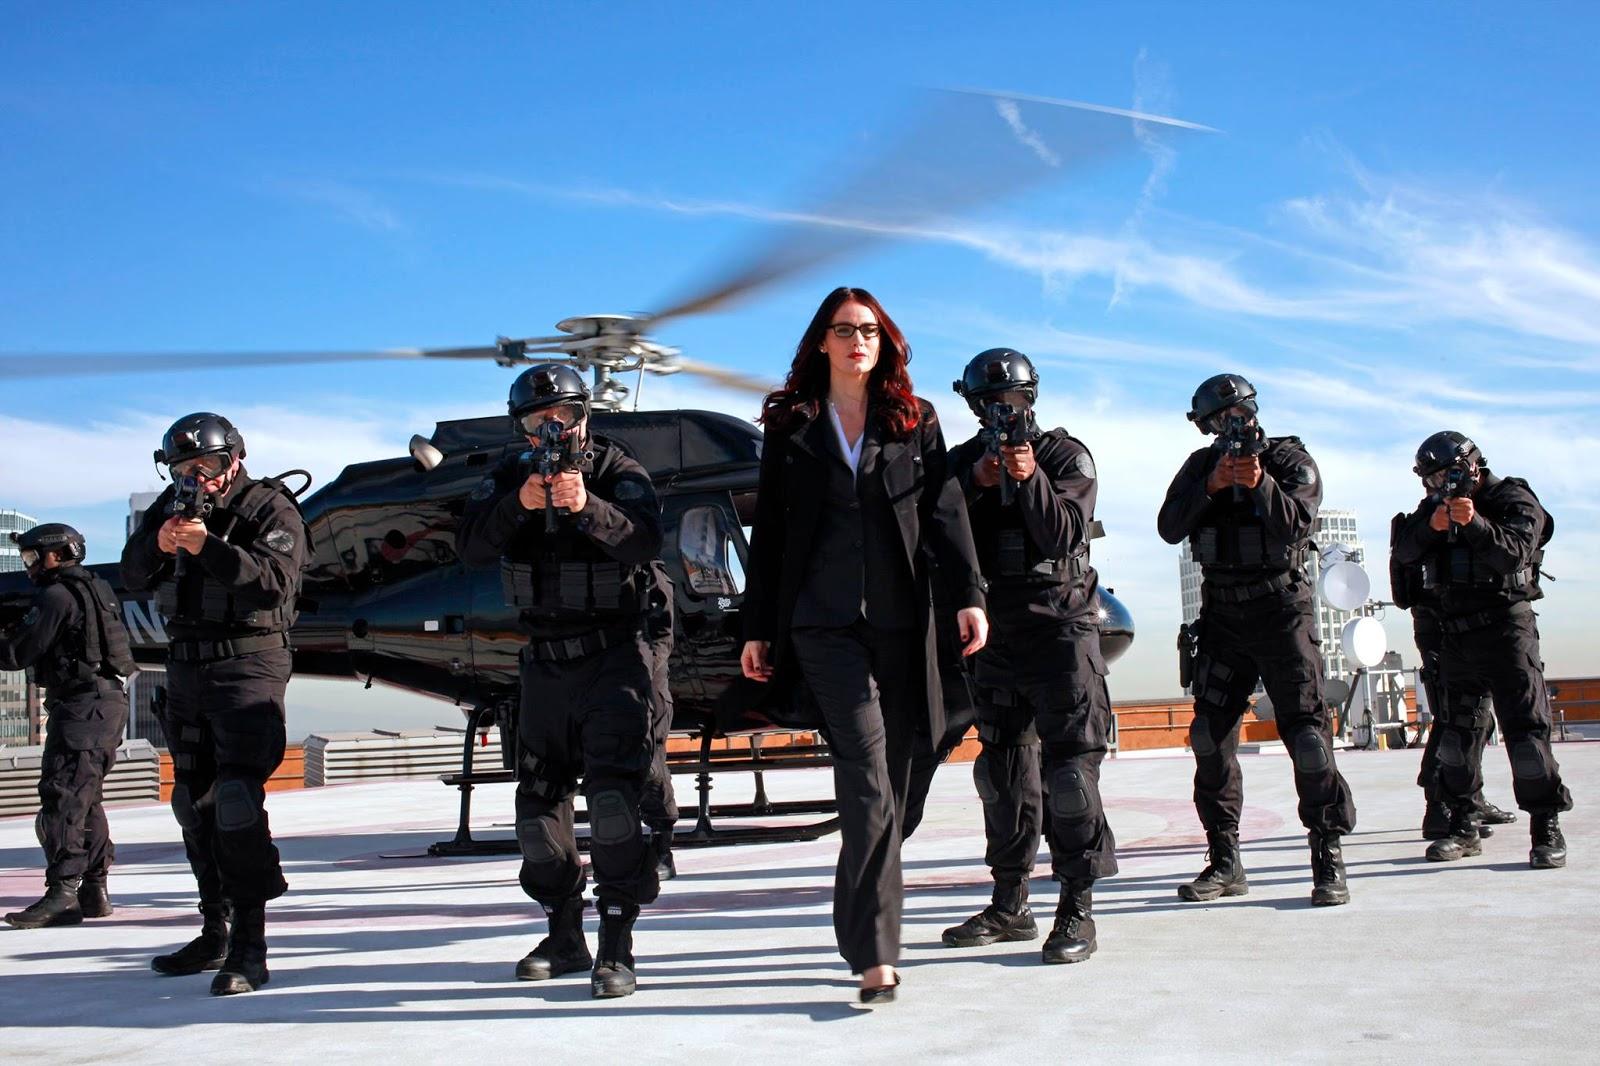 Agents of S.H.I.E.L.D. (season 4) - Wikipedia